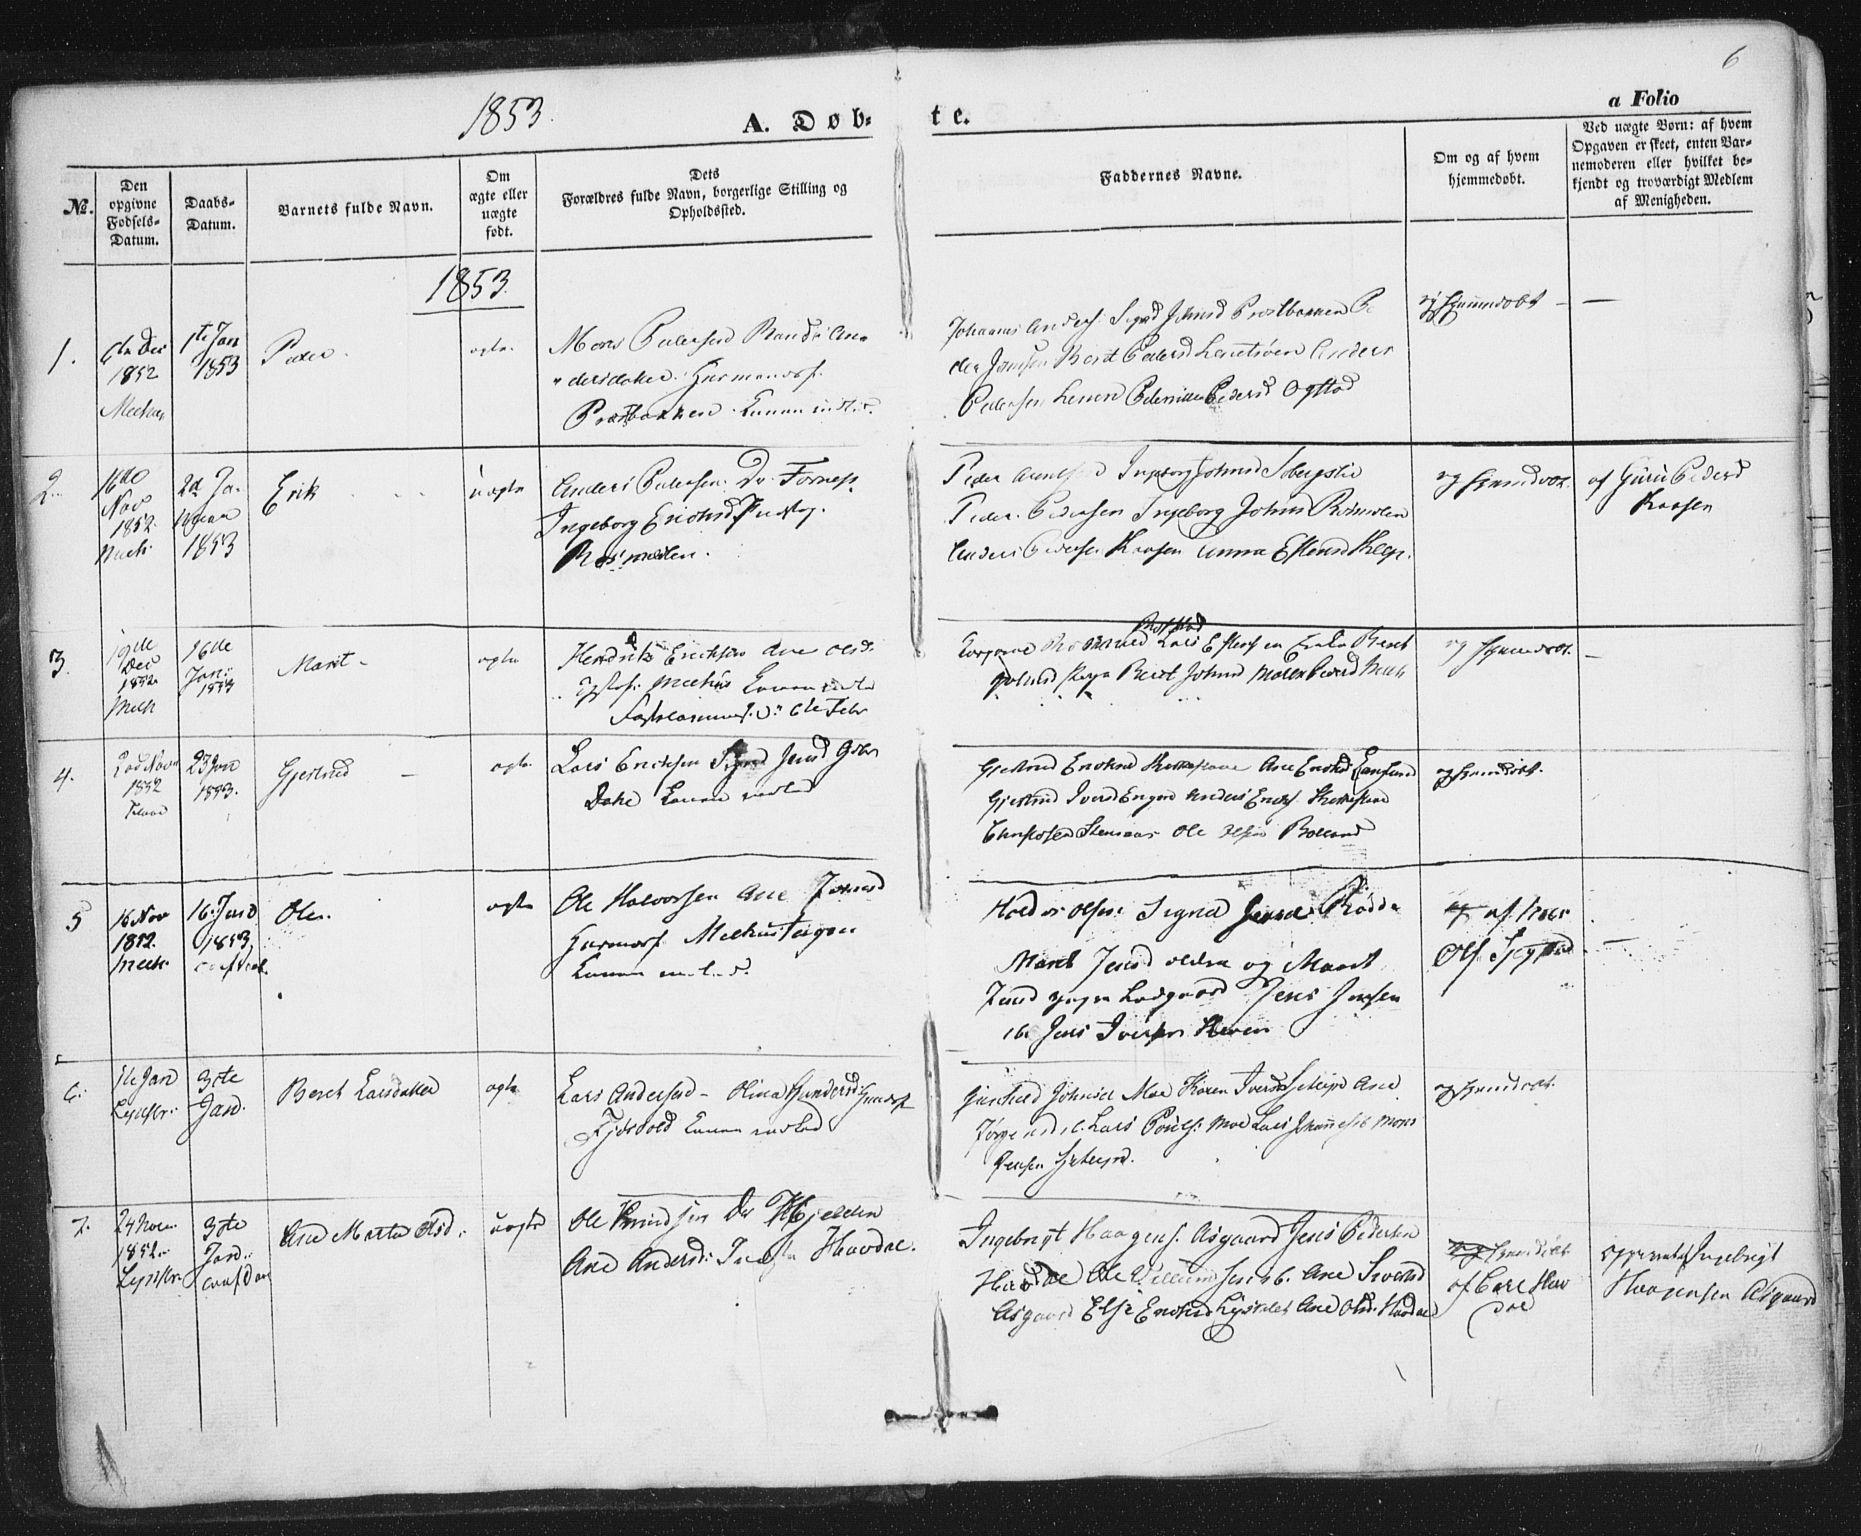 SAT, Ministerialprotokoller, klokkerbøker og fødselsregistre - Sør-Trøndelag, 691/L1076: Ministerialbok nr. 691A08, 1852-1861, s. 6